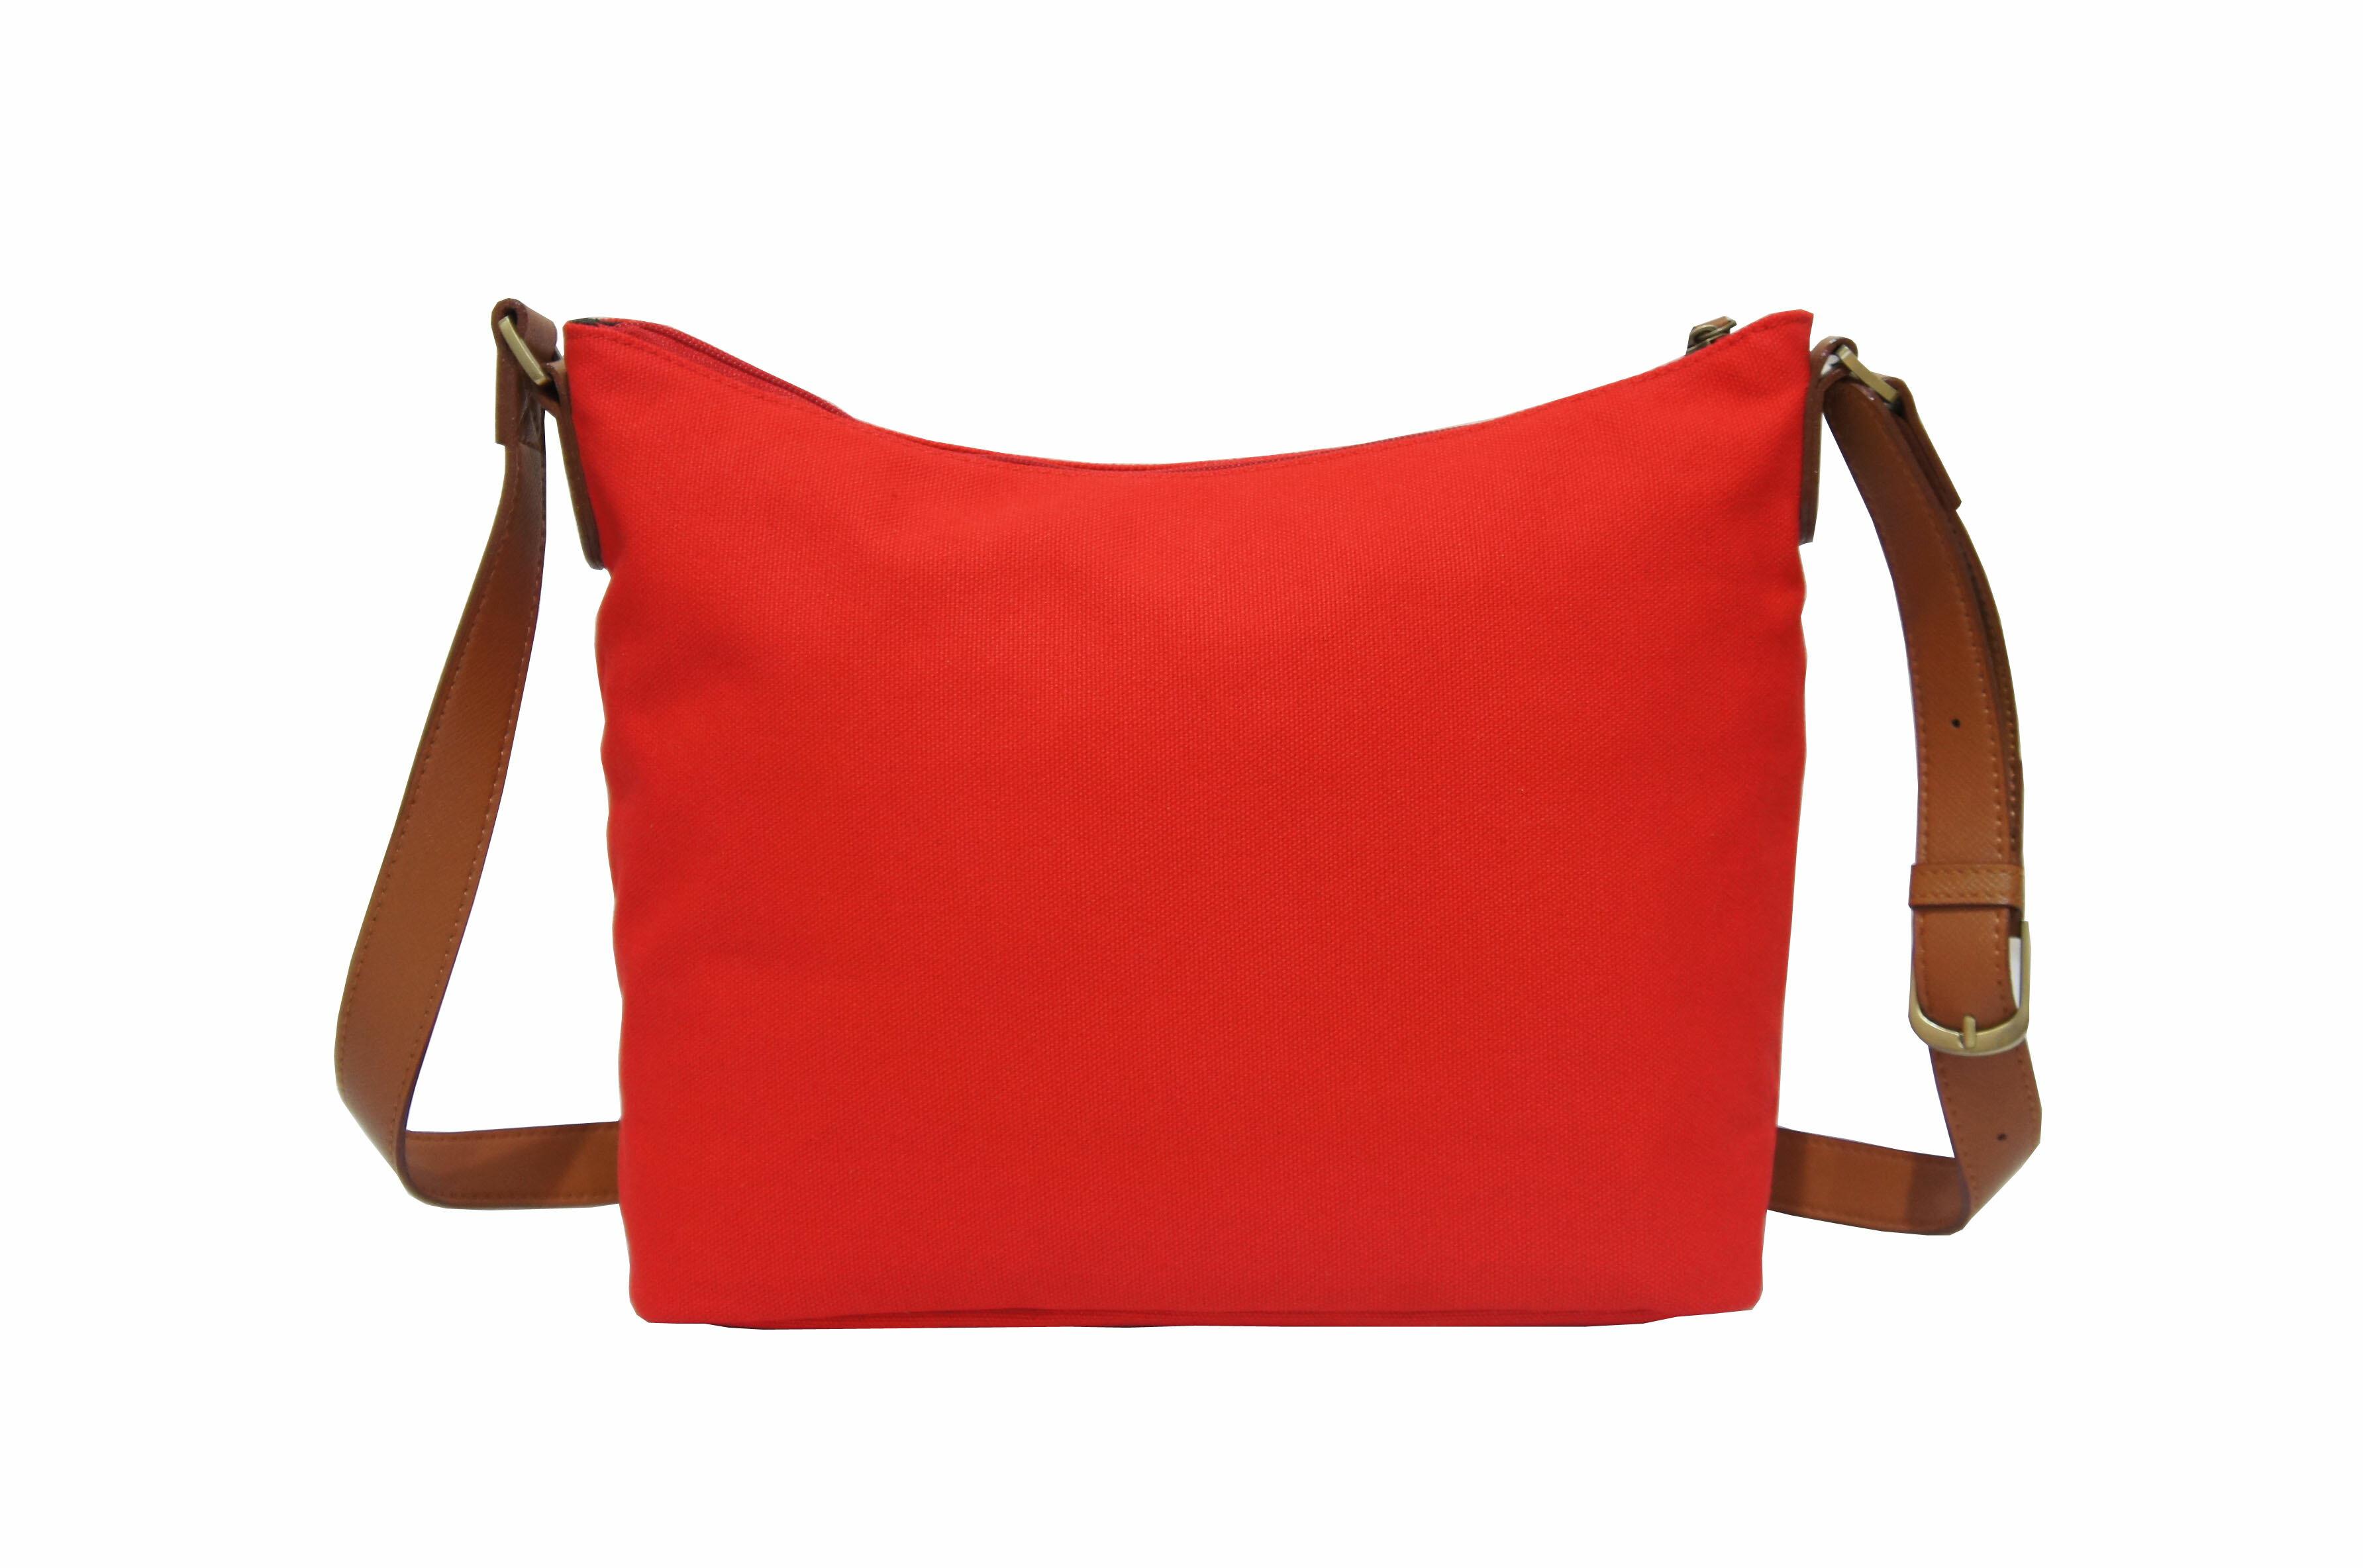 CP024帆布手提肩背包共2色 紅/馬卡龍綠 4